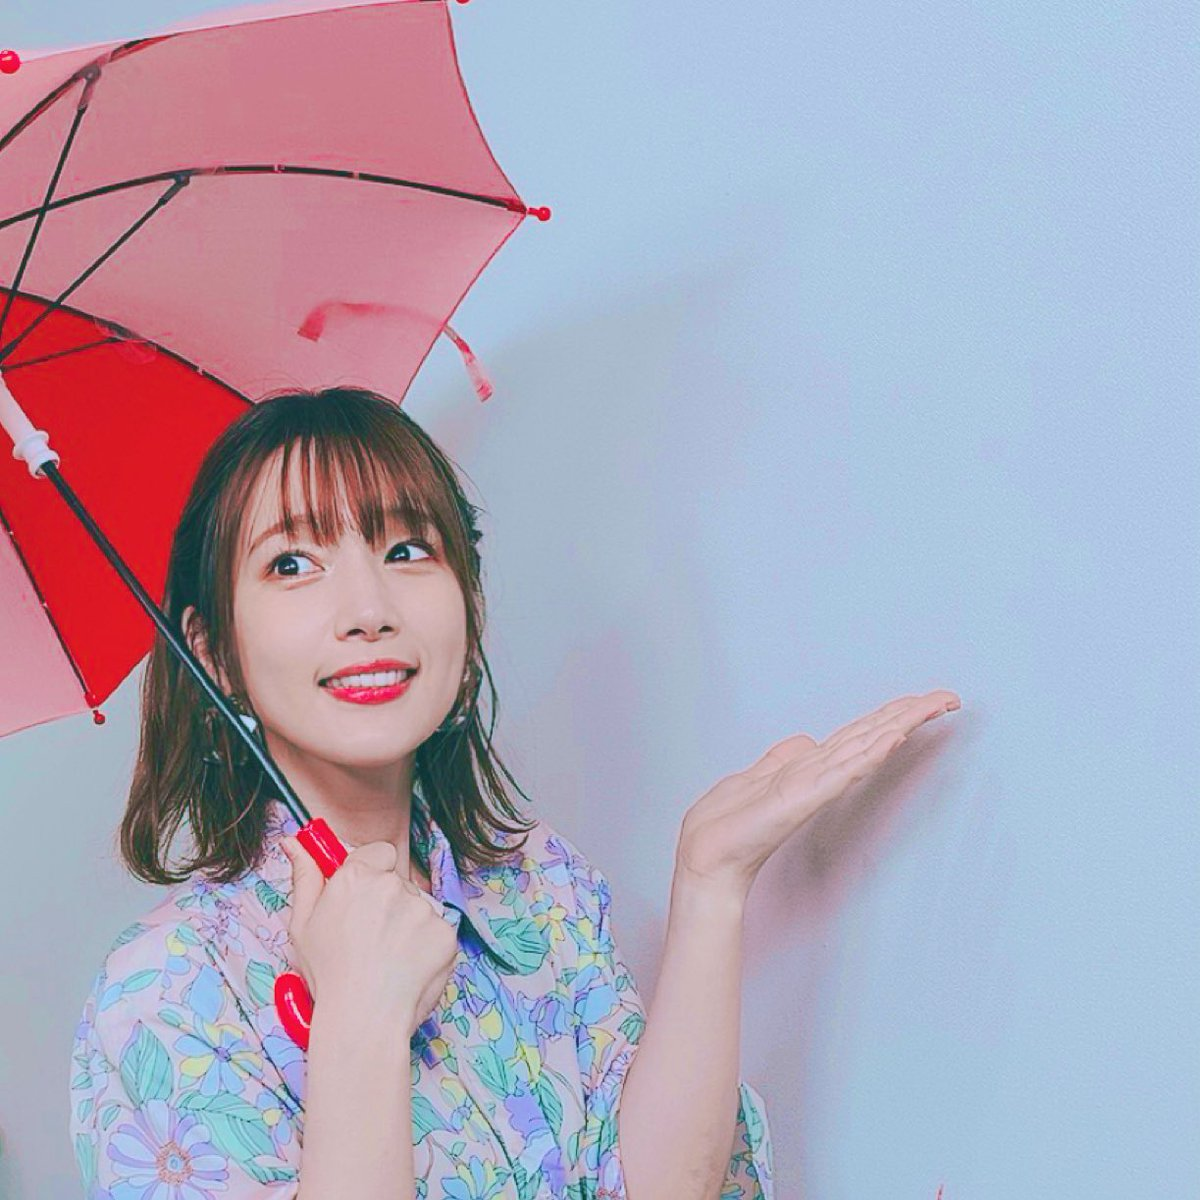 今日も #下野内田と夜あそびありがとうございました〜♡まさかの木村昴くん乱入!!!かくれすばるならぬ、ディレクターすばる…!驚きましたね😂コネクトしましたな☺️スマブラ、負けたの悔しい〜!またリベンジしたいねぇぇぇ。毒キノコ、すっごい味だったよ😂本日は傘でダミヘ♡いいよね傘☂️